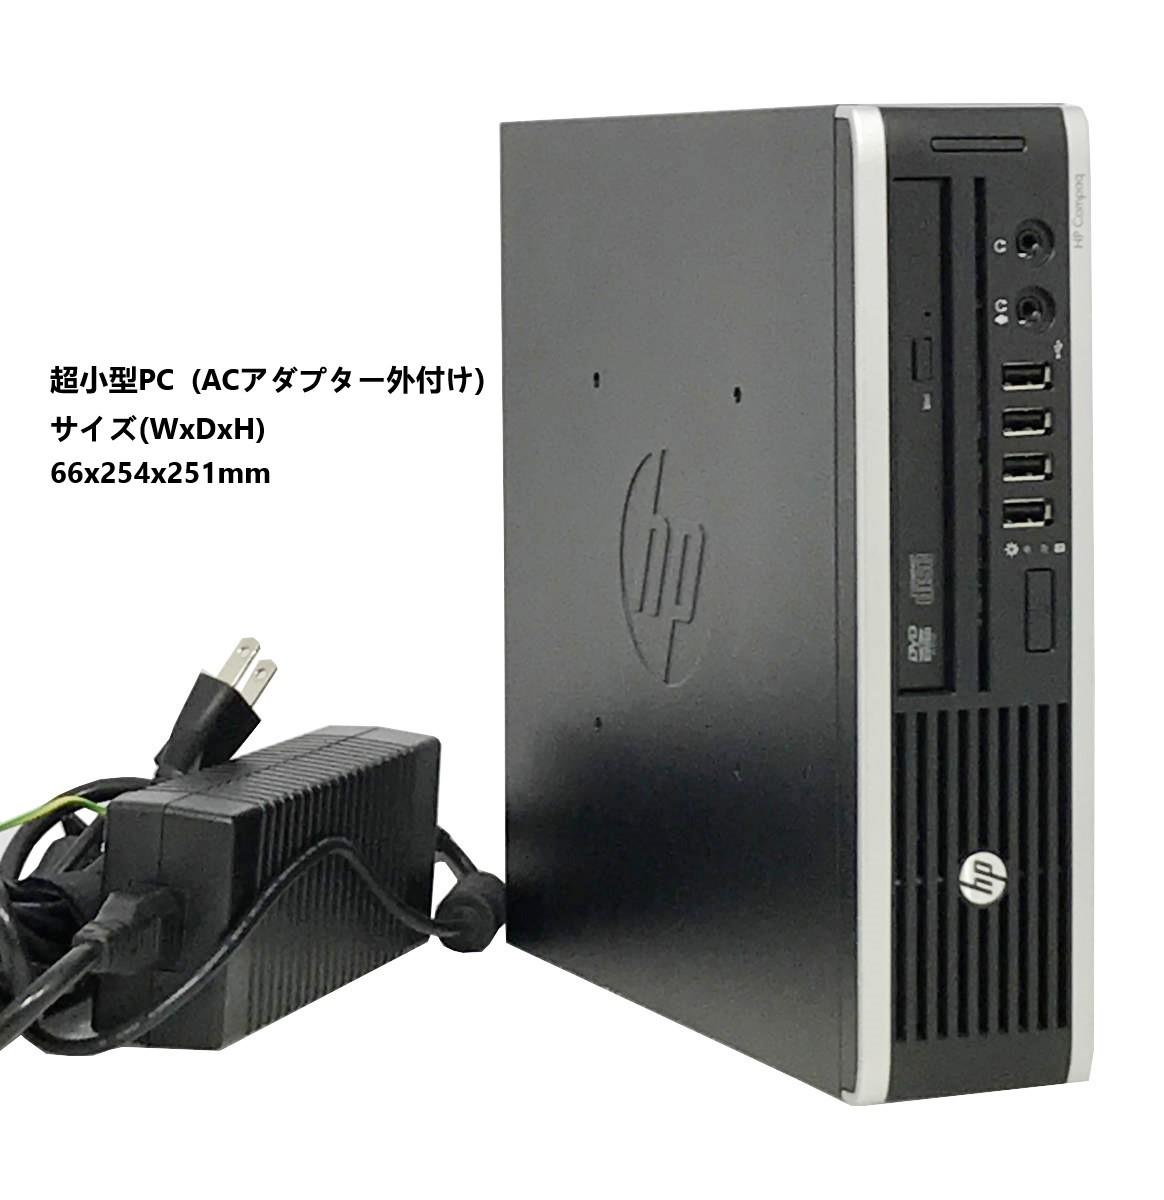 超省スペースタイプ■驚速SSD Core i5-3470S 3.6GHz x4/8GB■新mSATA:256GB+大容量HDD:500GB Win10 Office2019無線/USB3.0 ■ HP 8300 US 5